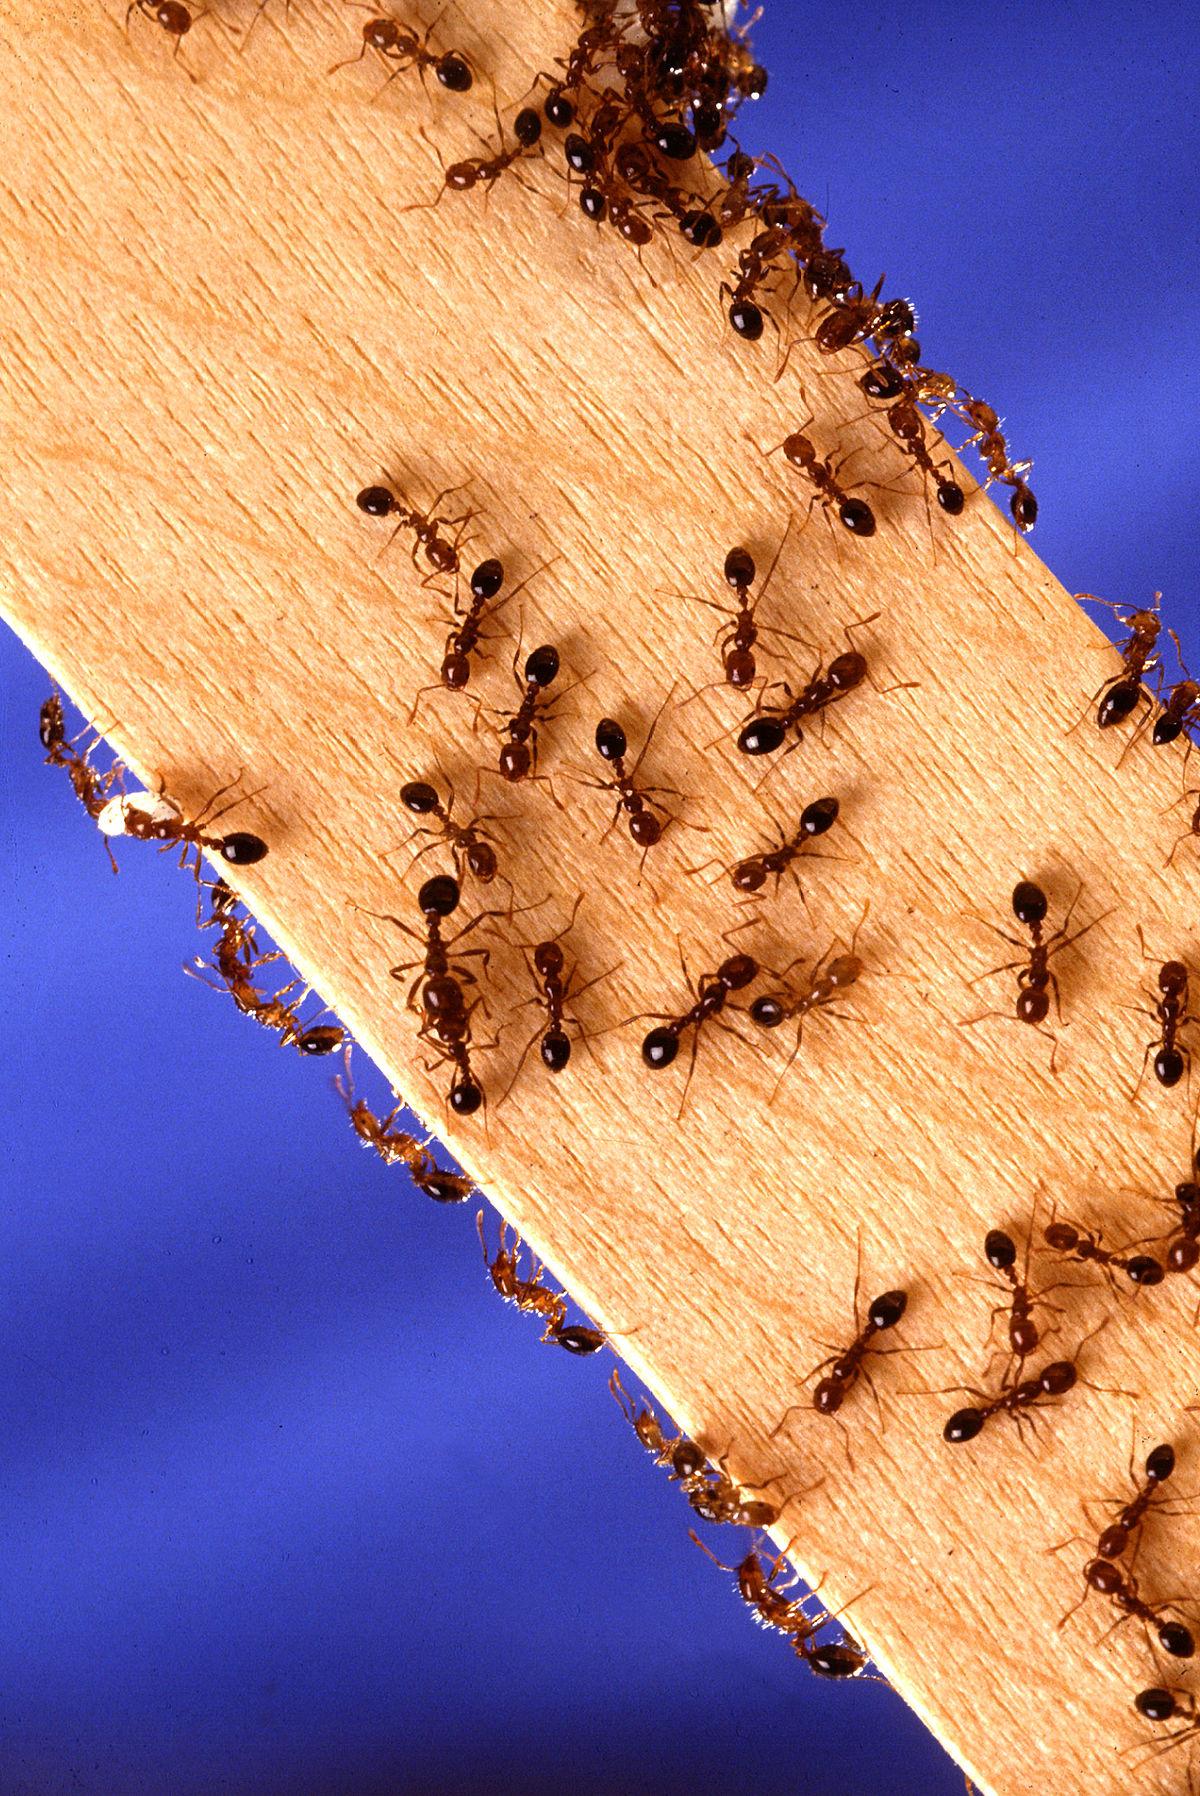 Fire ants.jpg